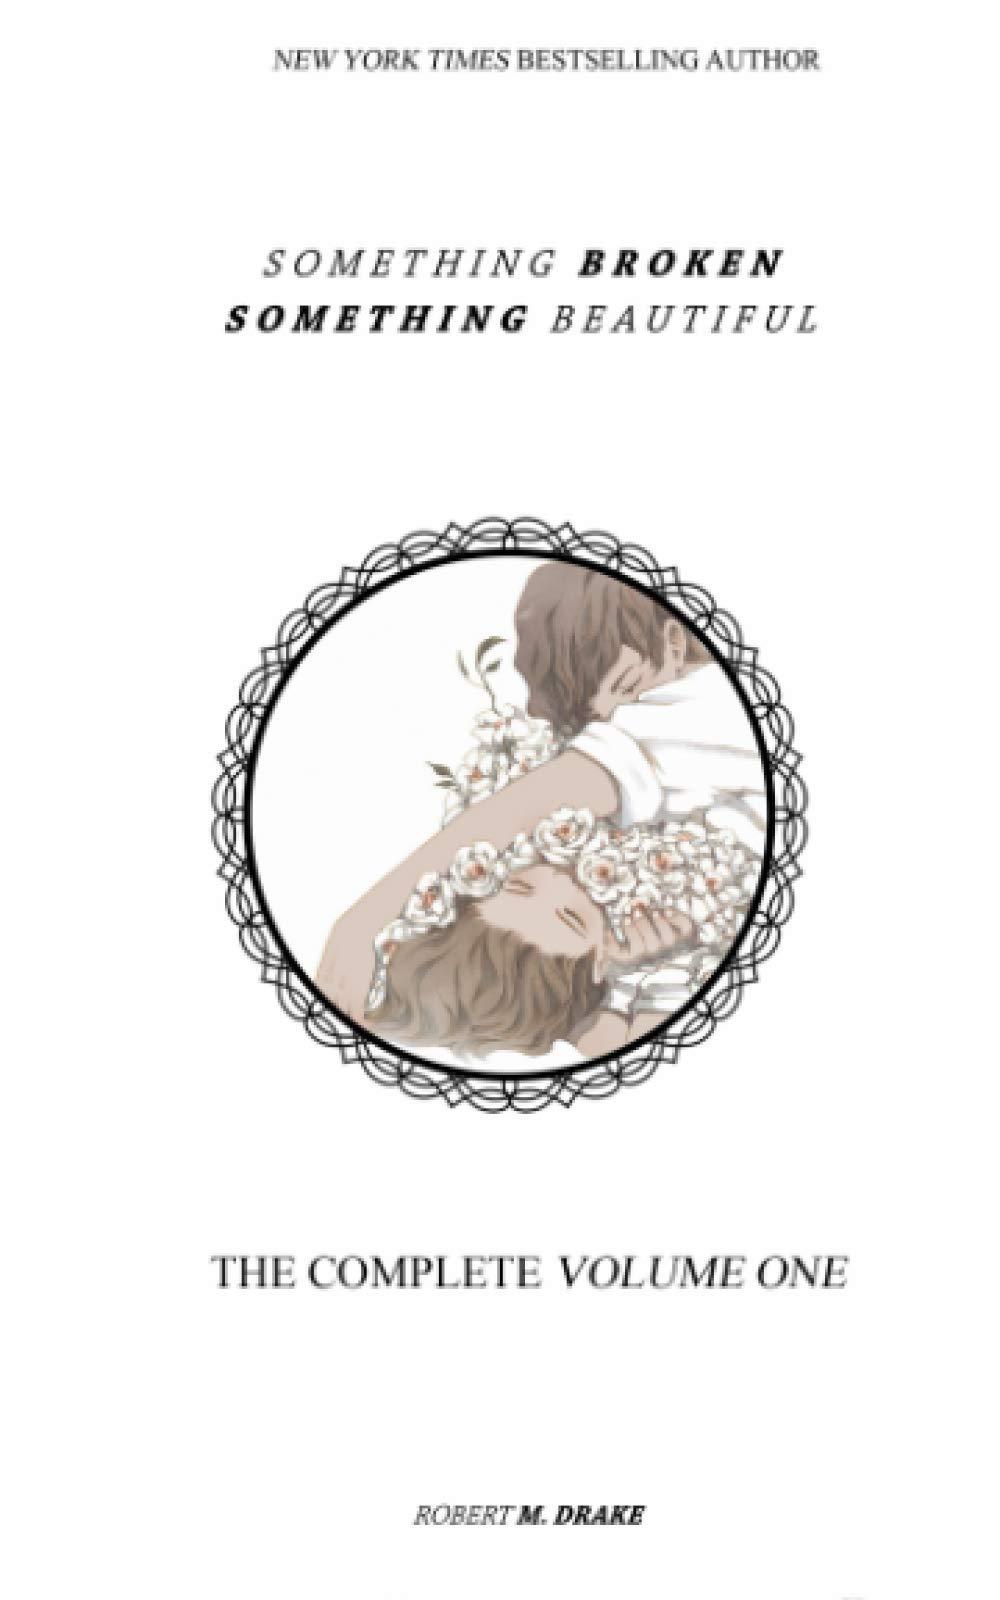 SOMETHING BROKEN SOMETHING BEAUTIFUL: VOLUME ONE